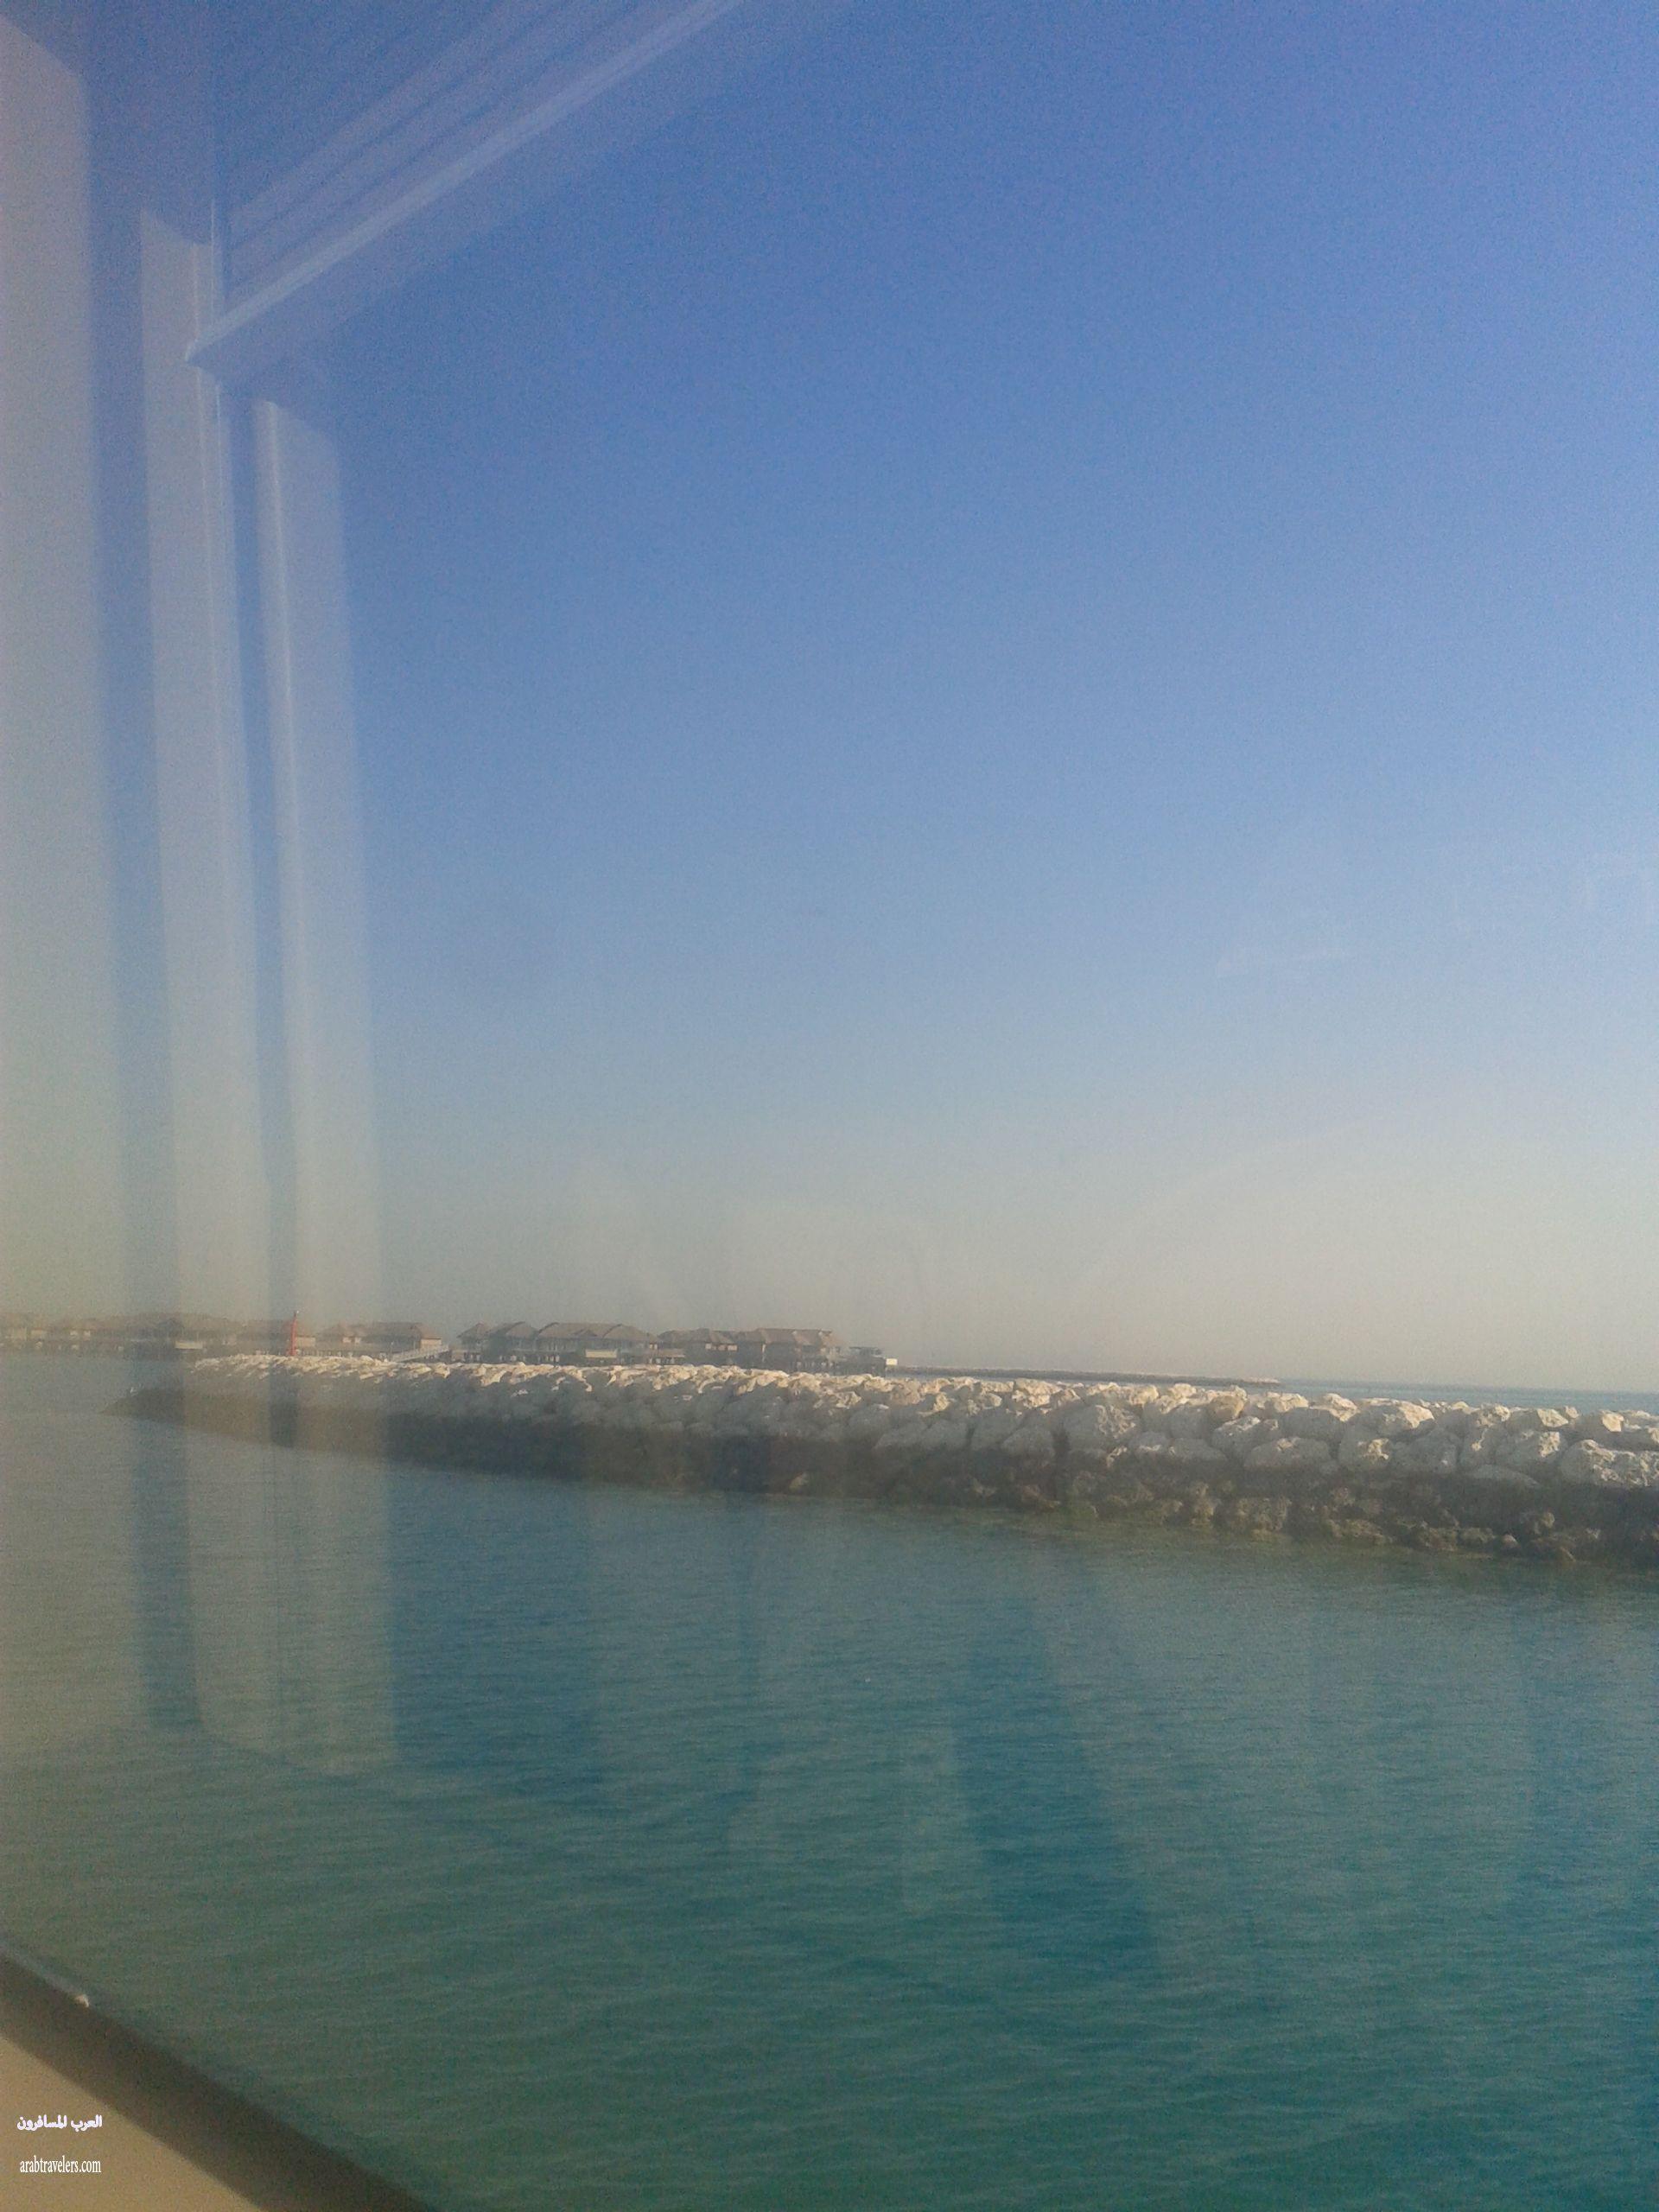 تقرير رحلتي لدولة قطر